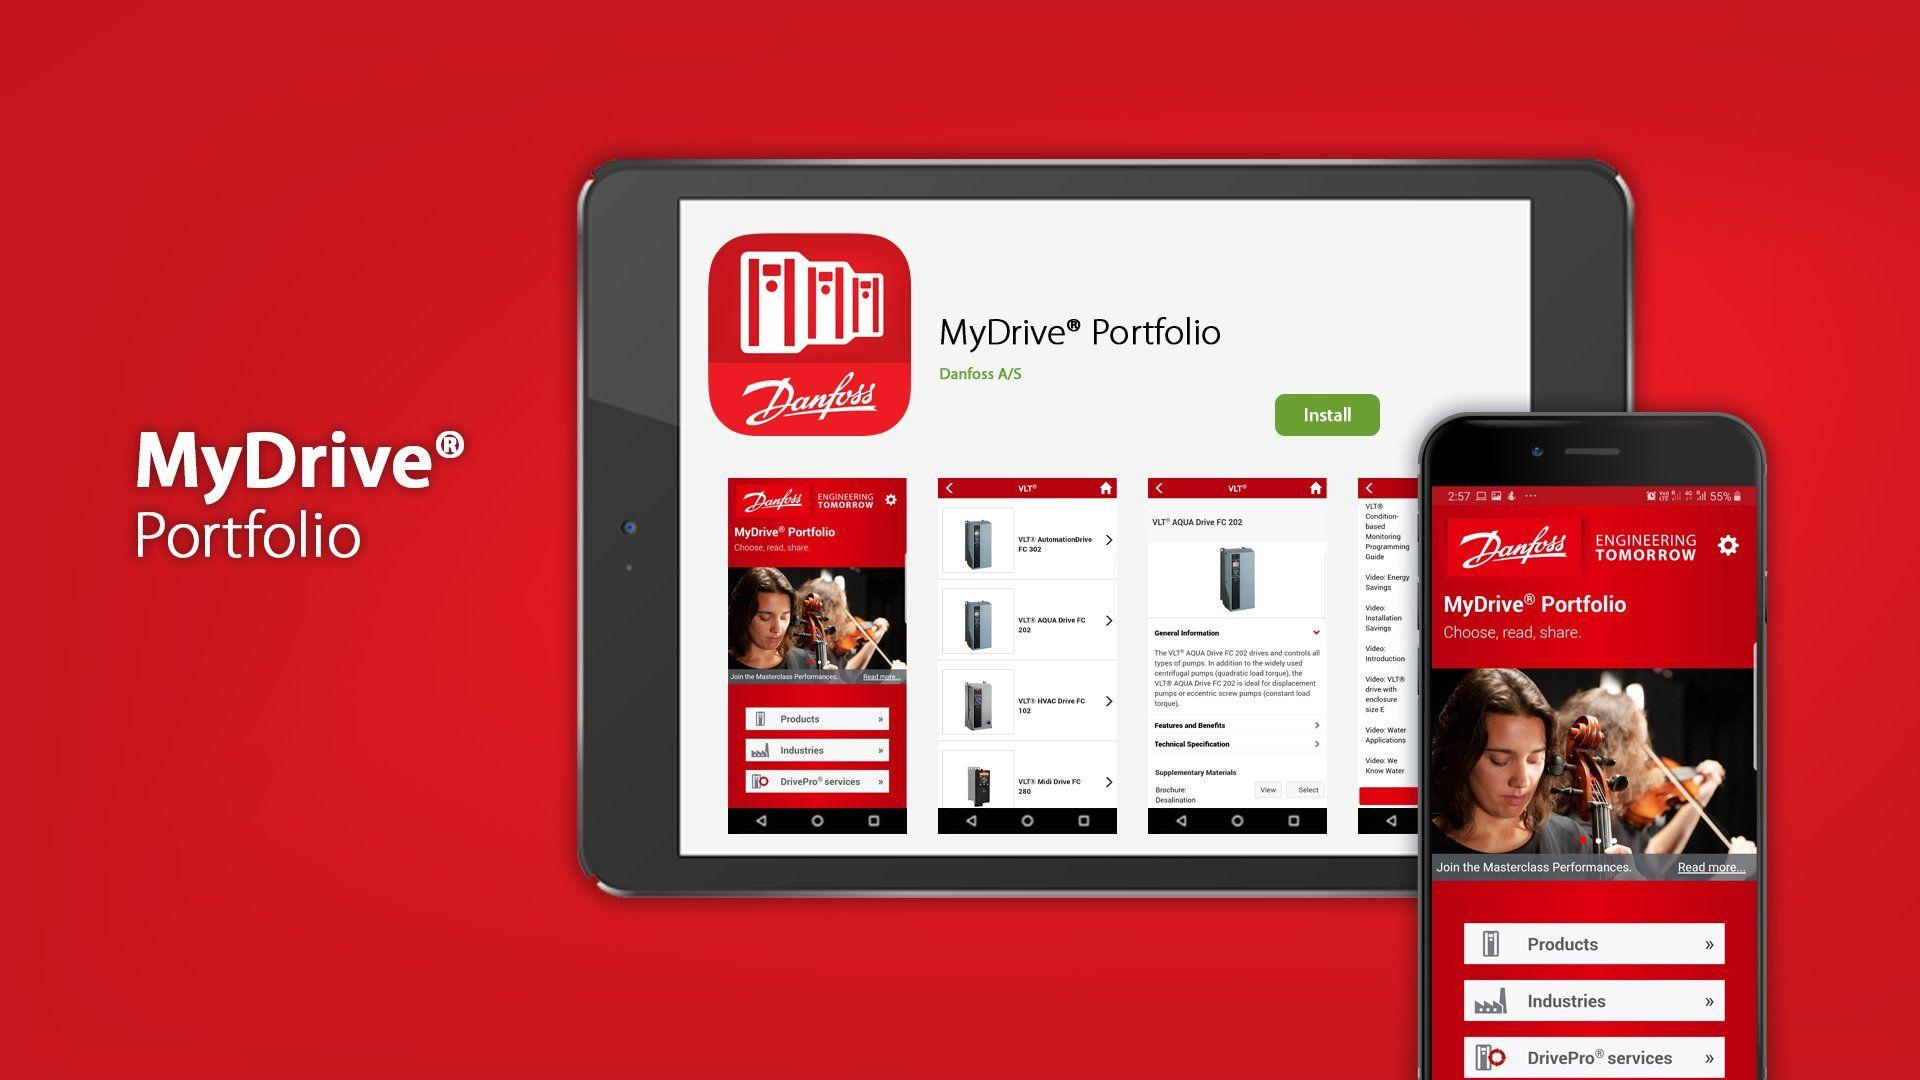 Fotografia Danfoss actualiza la aplicación MyDrive® Portfolio